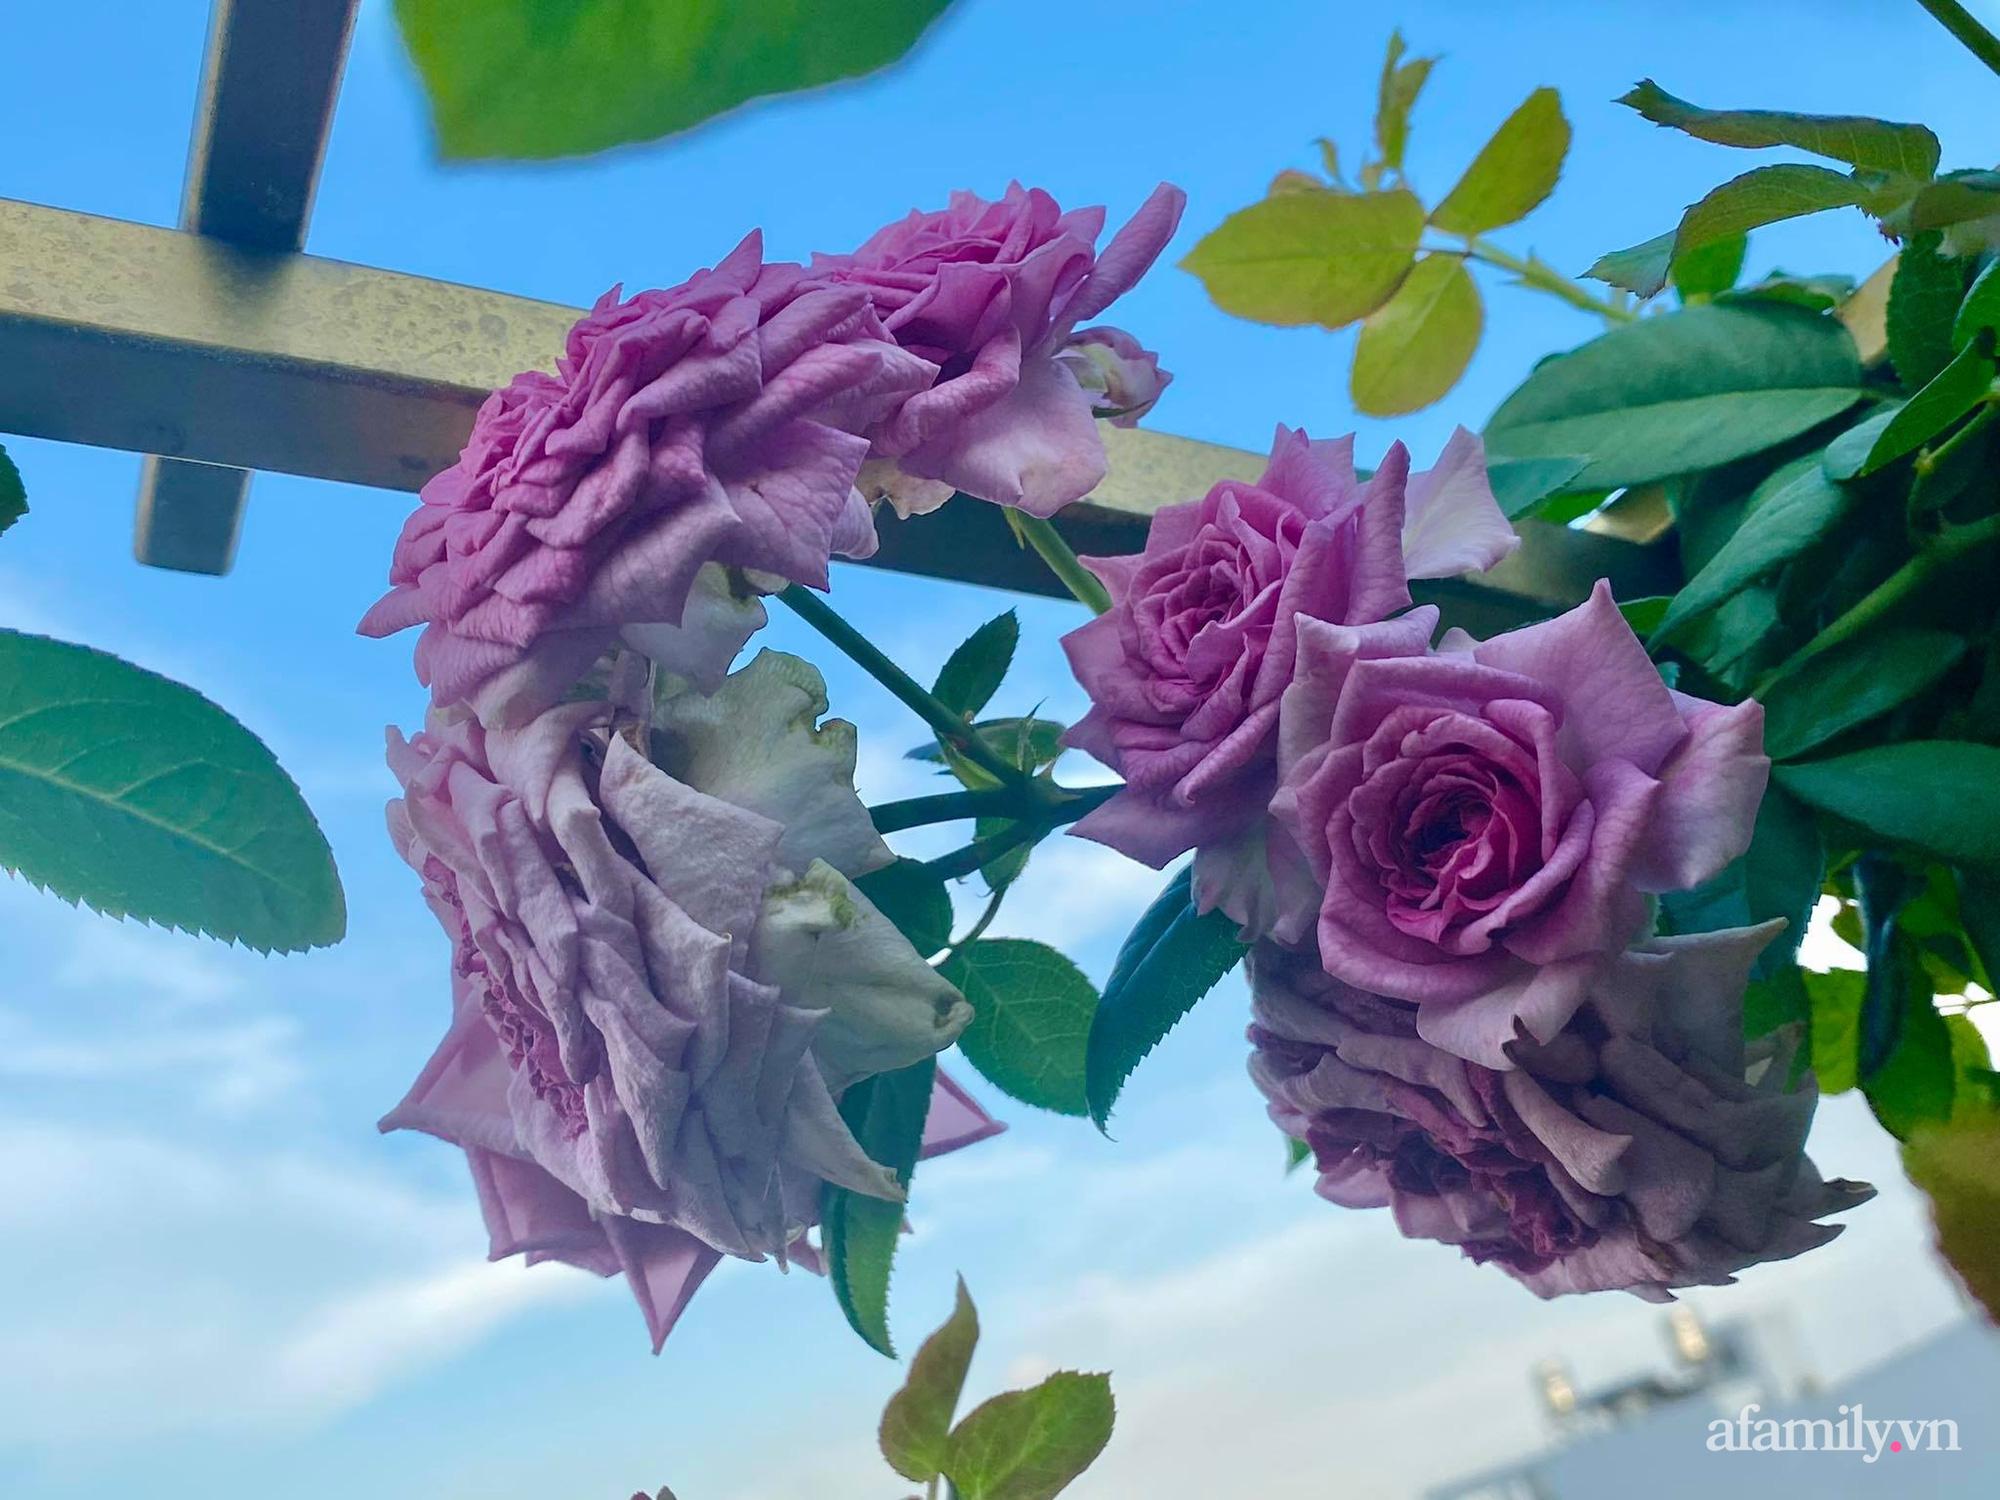 Sân thượng phủ kín hoa hồng và rau quả sạch ở Sài Gòn của Hoa hậu Janny Thủy Trần - ảnh 15